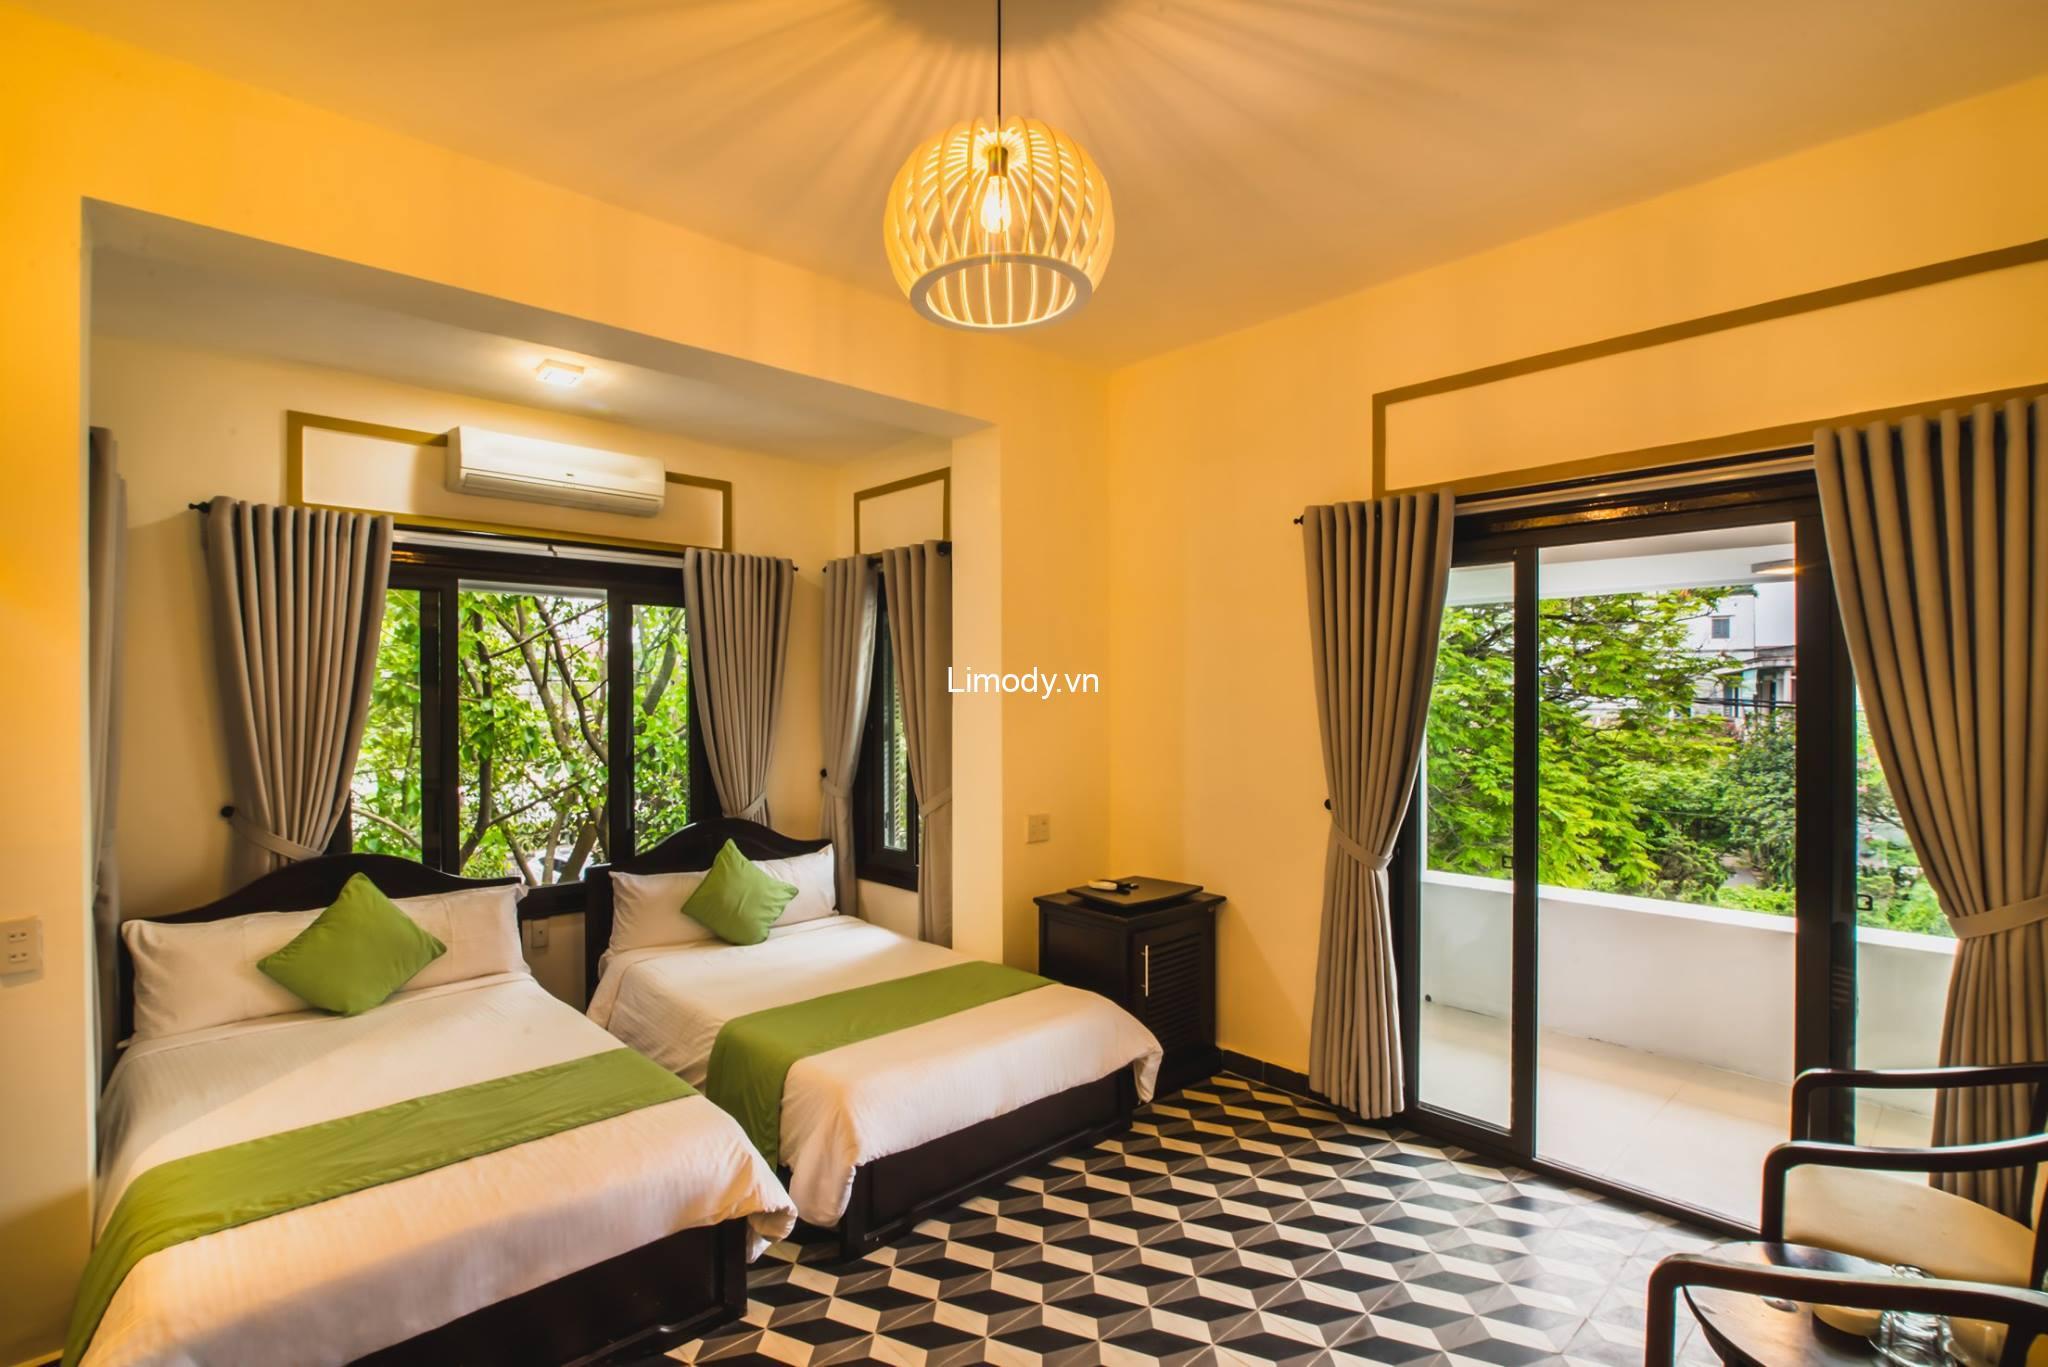 Top 15 Hostel Guesthouse nhà nghỉ Huế giá rẻ đẹp ở trung tâm nội thành